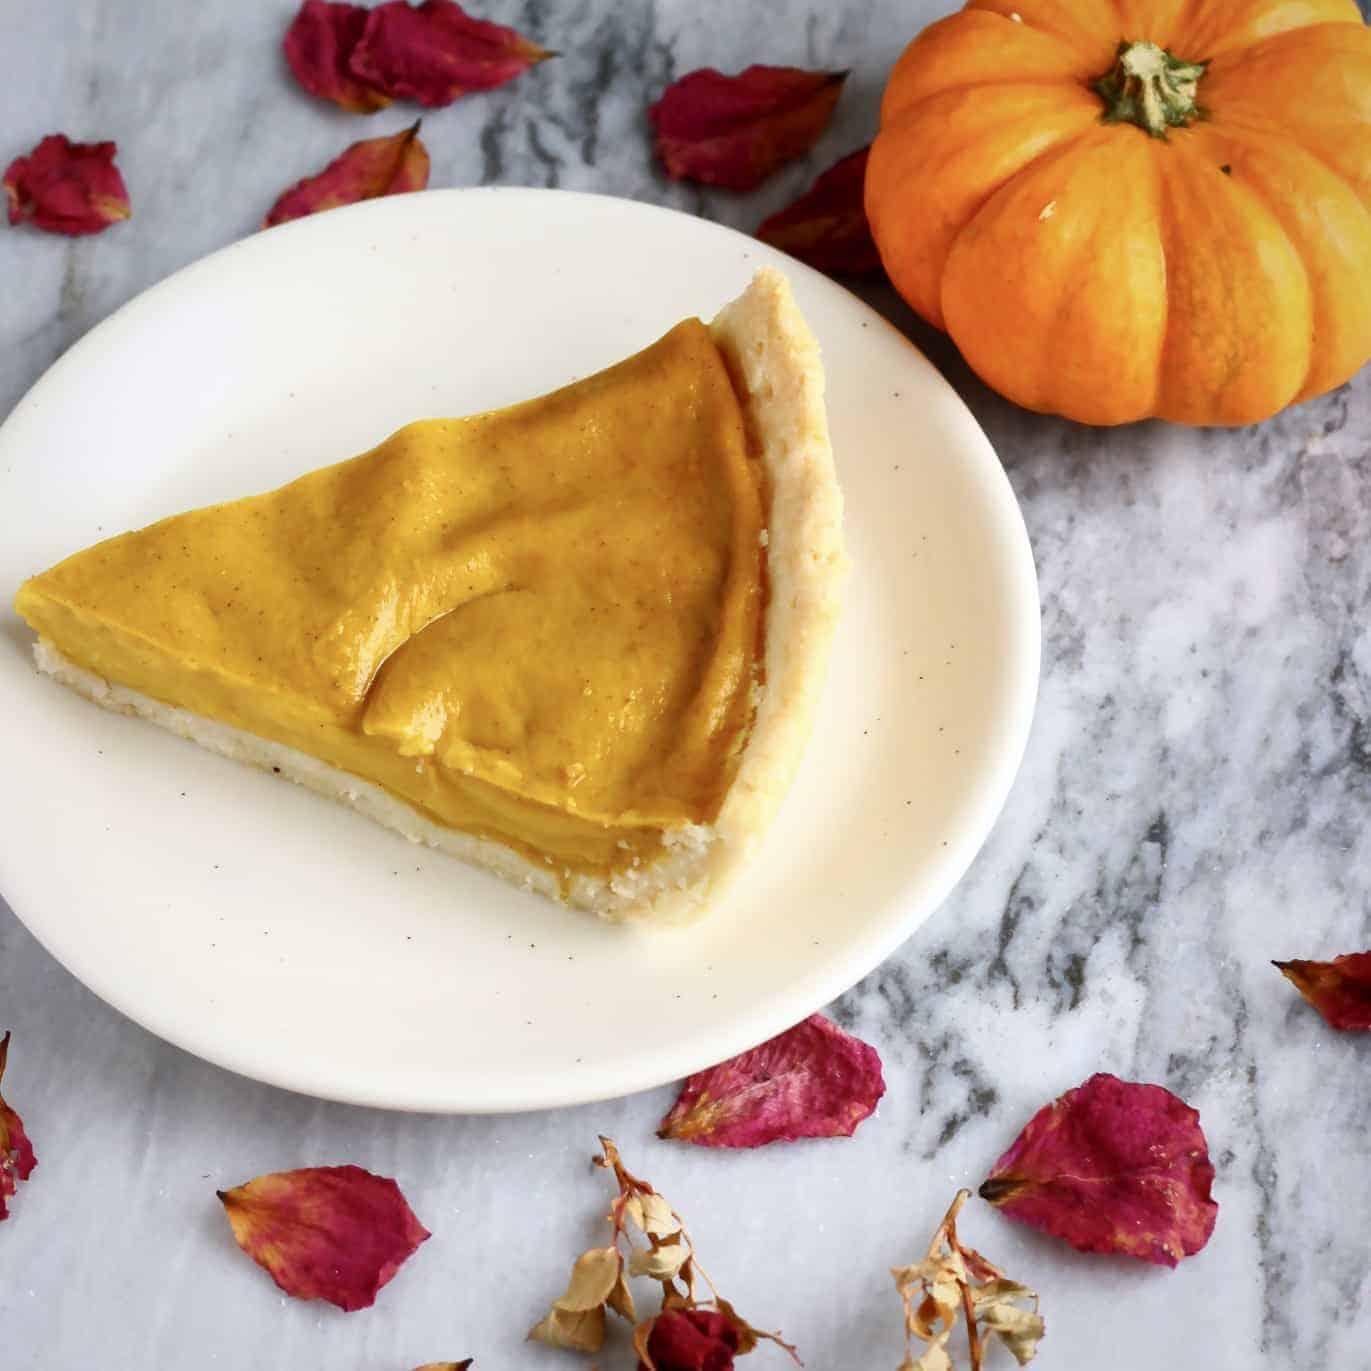 Gluten-Free Vegan Pumpkin Pie